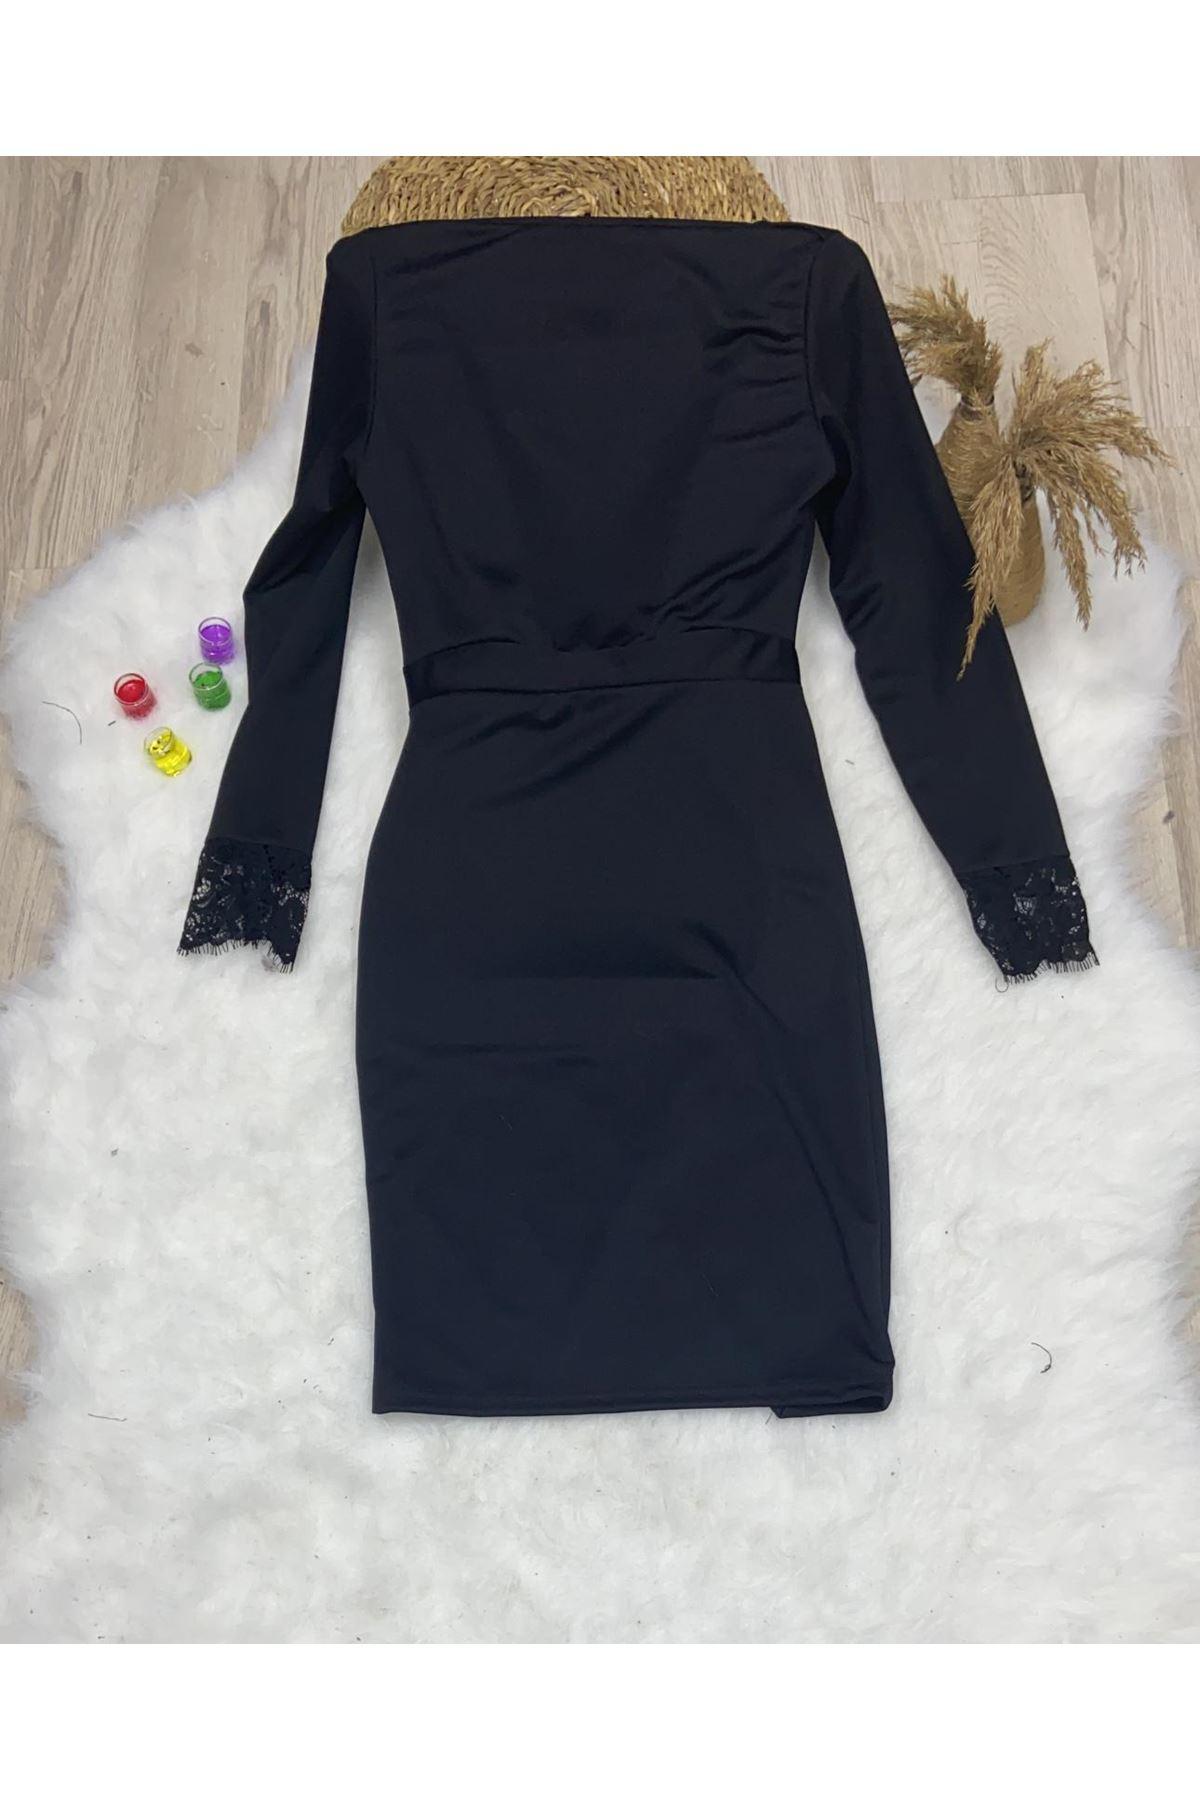 Dantel Detaylı Yırtmaçlı Elbise- Siyah